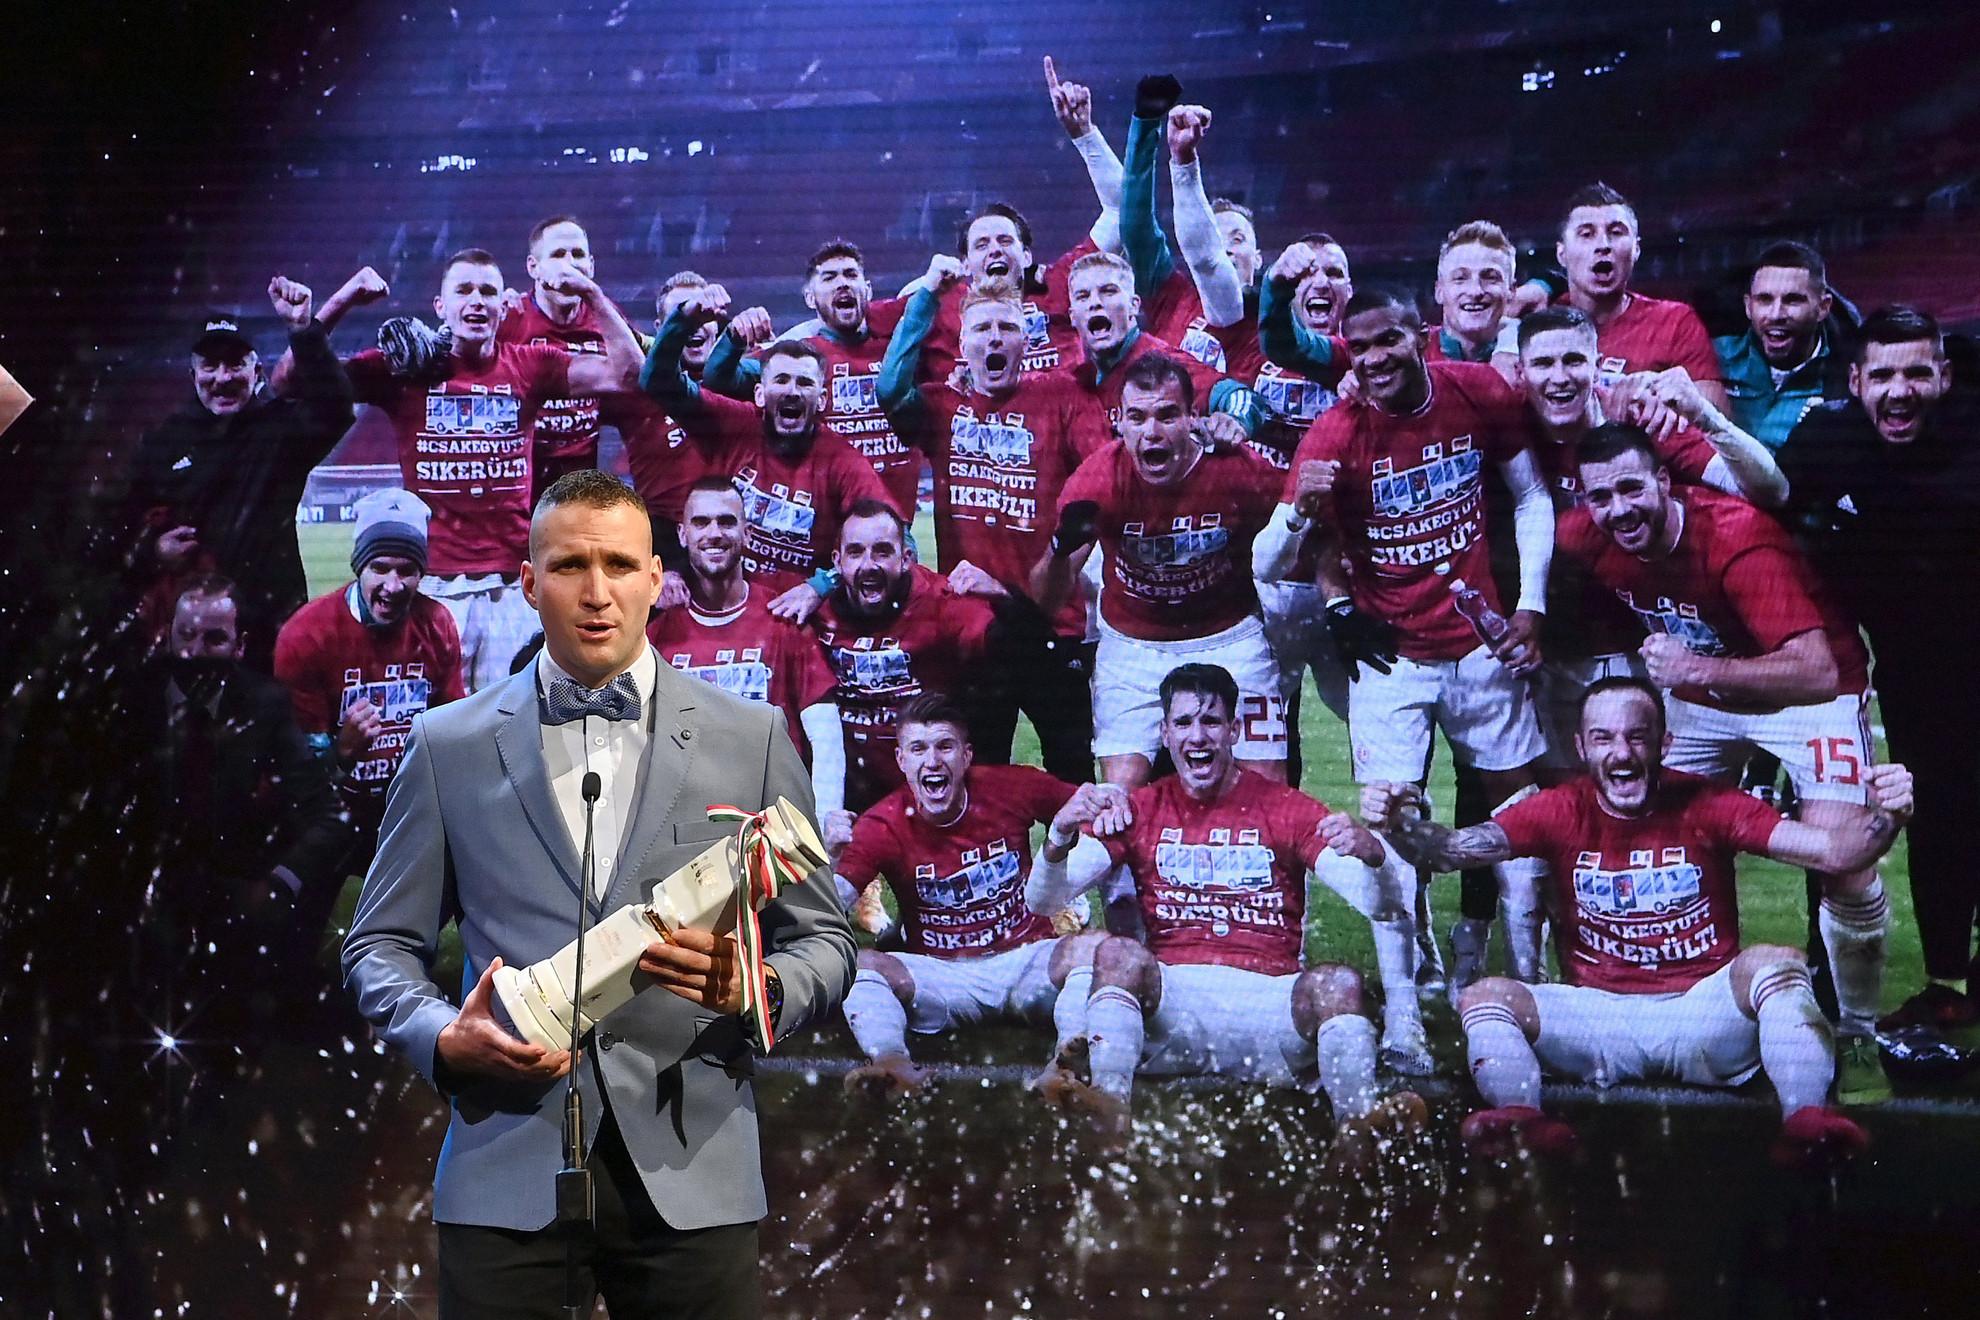 Könyves Norbert, a magyar labdarúgó válogatott tagja, miután átvette az Év csapata a hagyományos sportágakban díjat az M4 Sport - Az Év sportolója gála televíziós felvételén a Nemzeti Színházban 2021. január 8-án